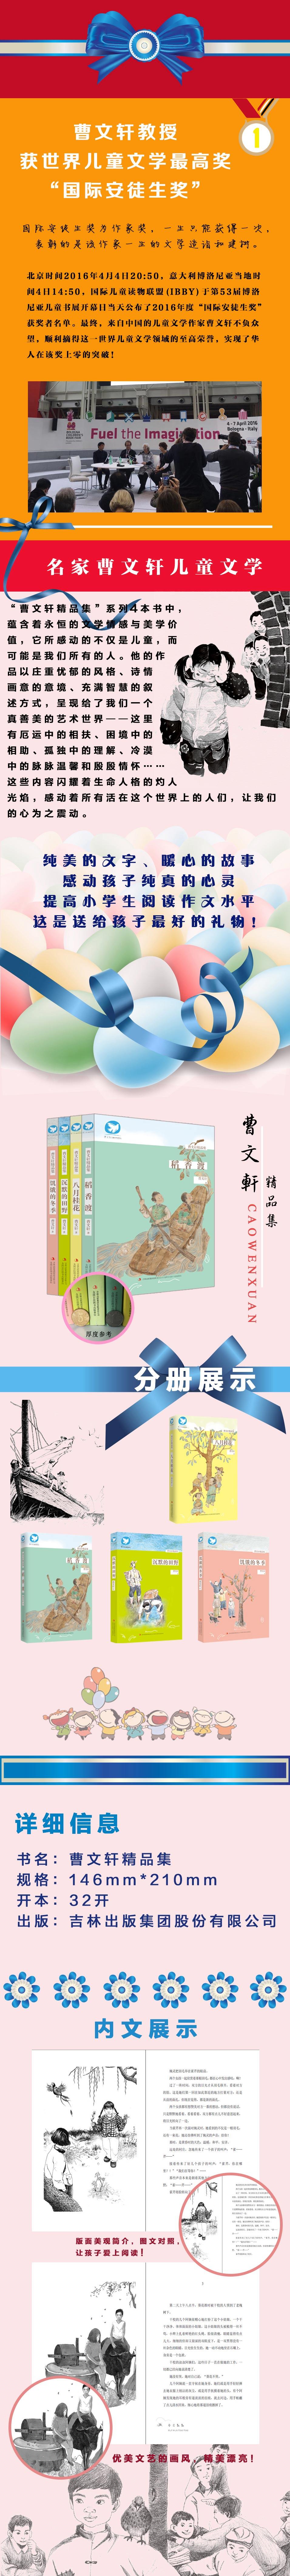 曹文轩精品集详情页.jpg